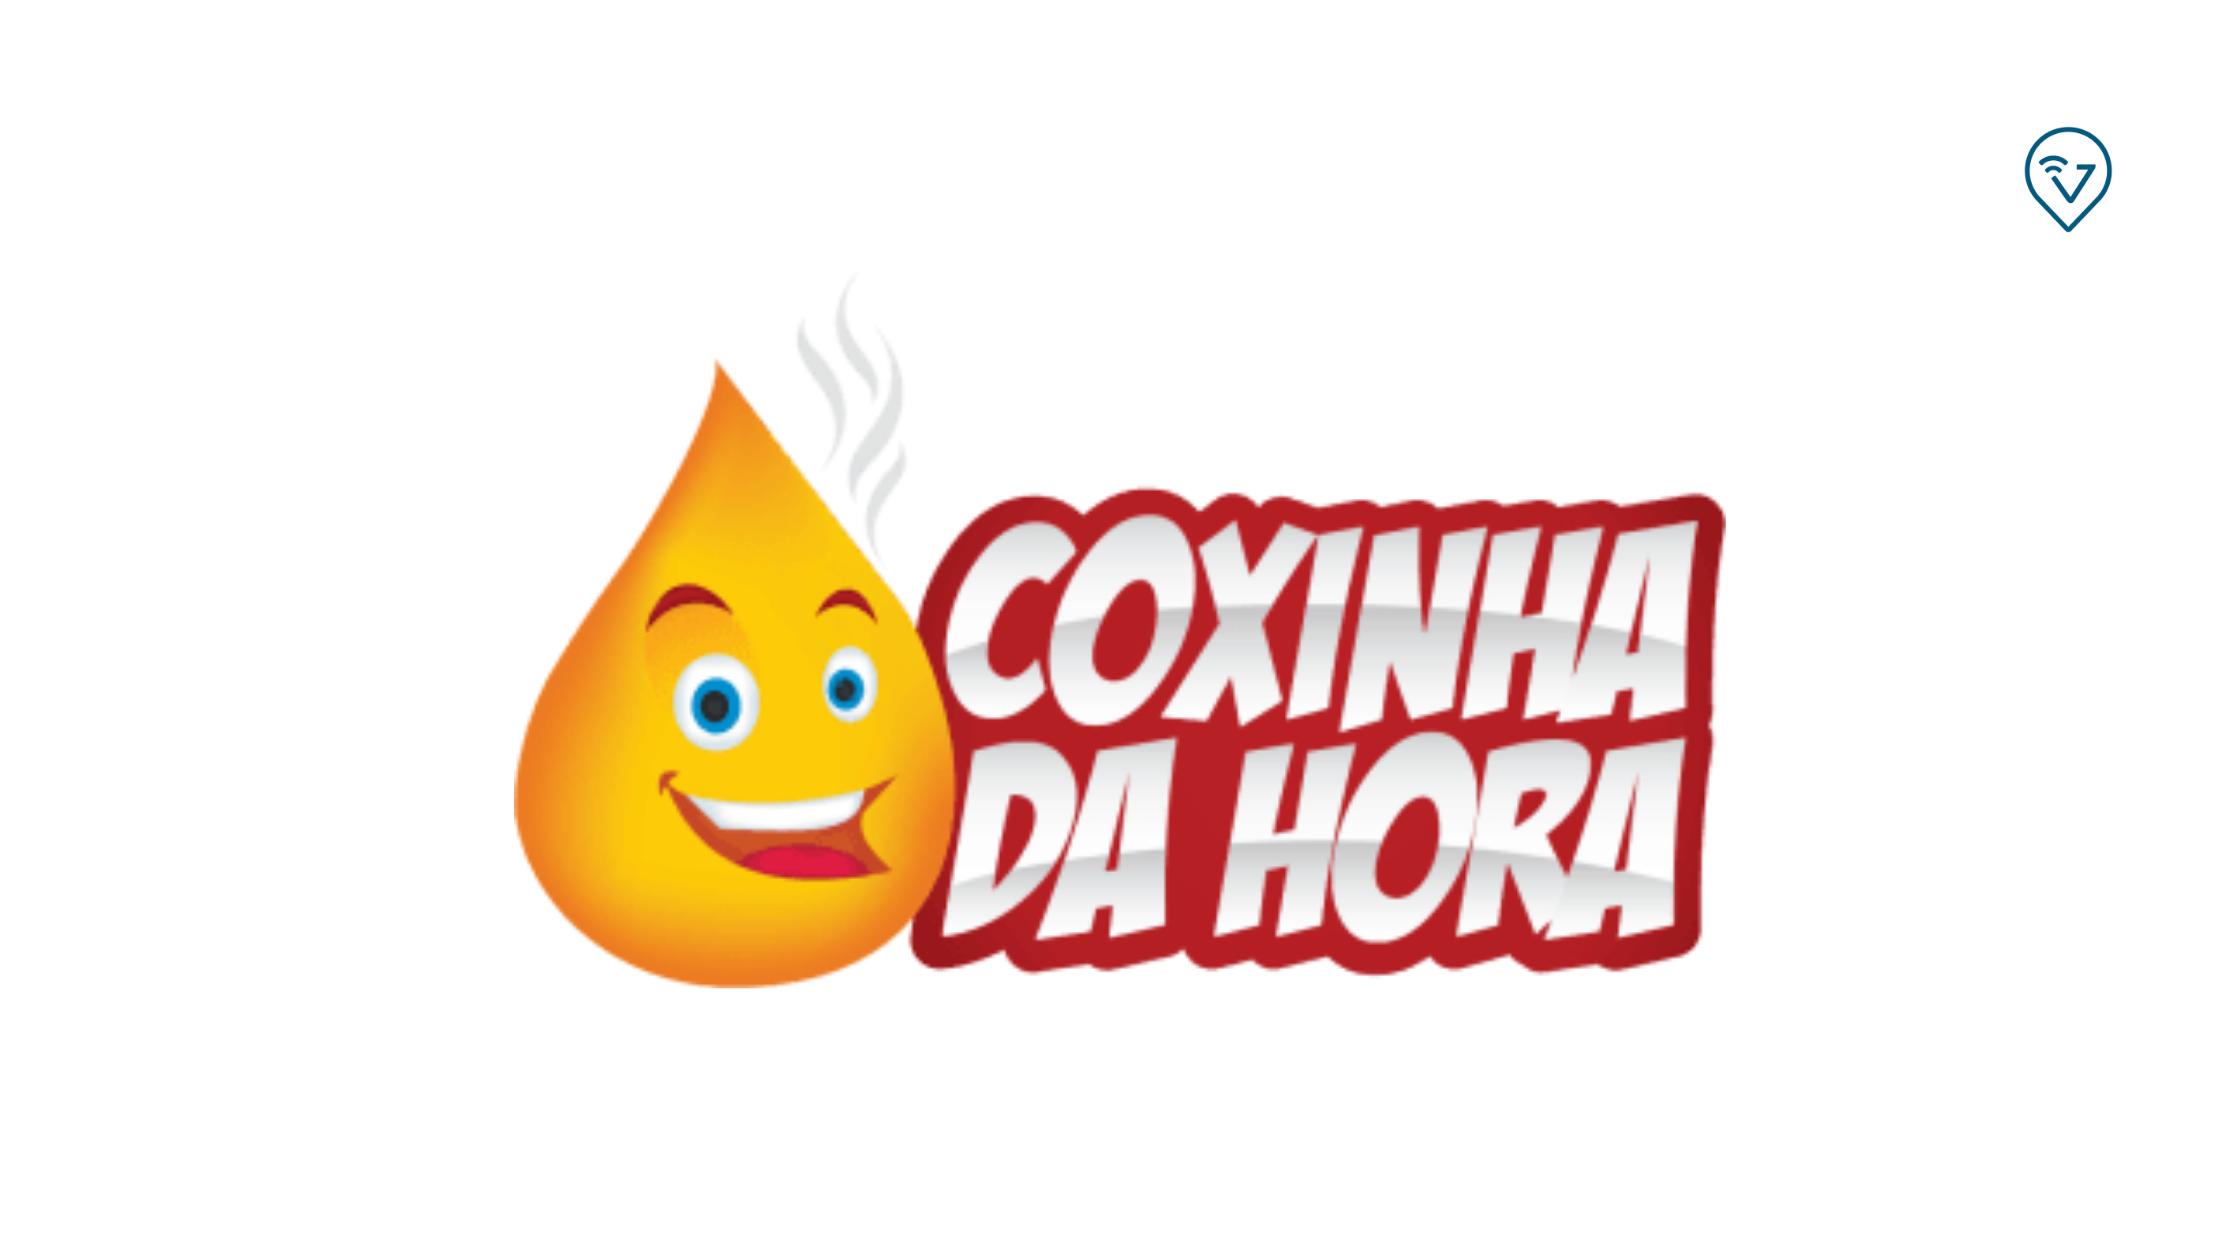 Coxinha da Hora: como a empresa reduziu o número de entregadores usando Vuupt